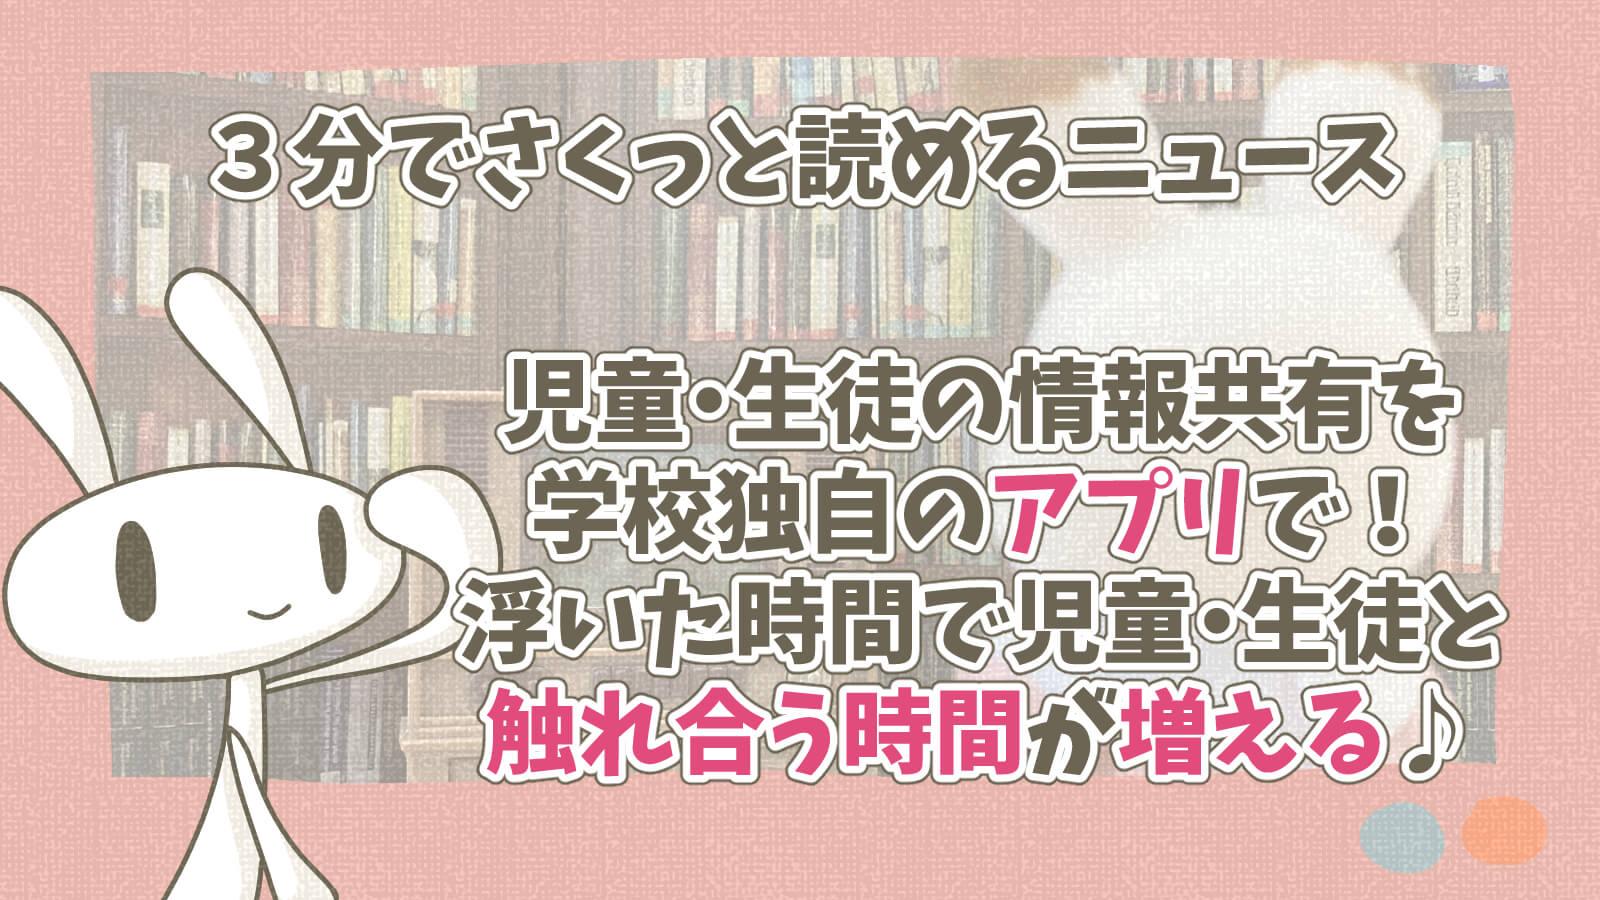 学校独自アプリ長野県大日向小学校kintone原田先生